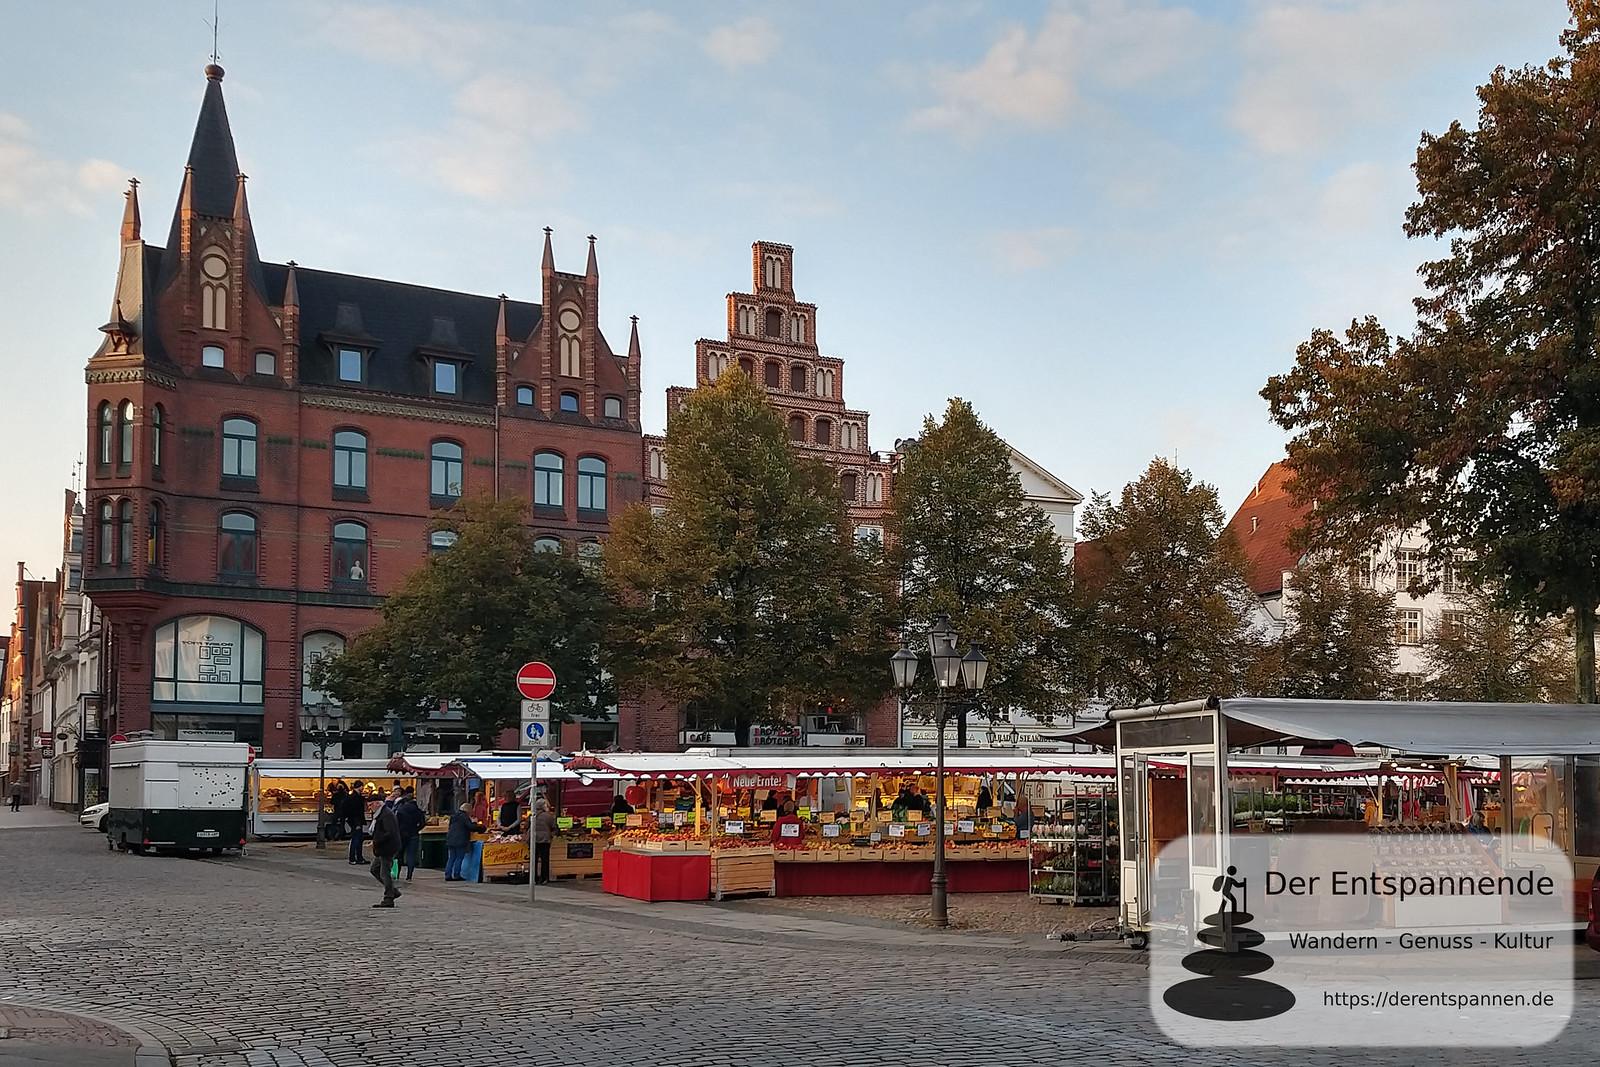 Wochenmarkt auf dem Lüneburger Marktplatz